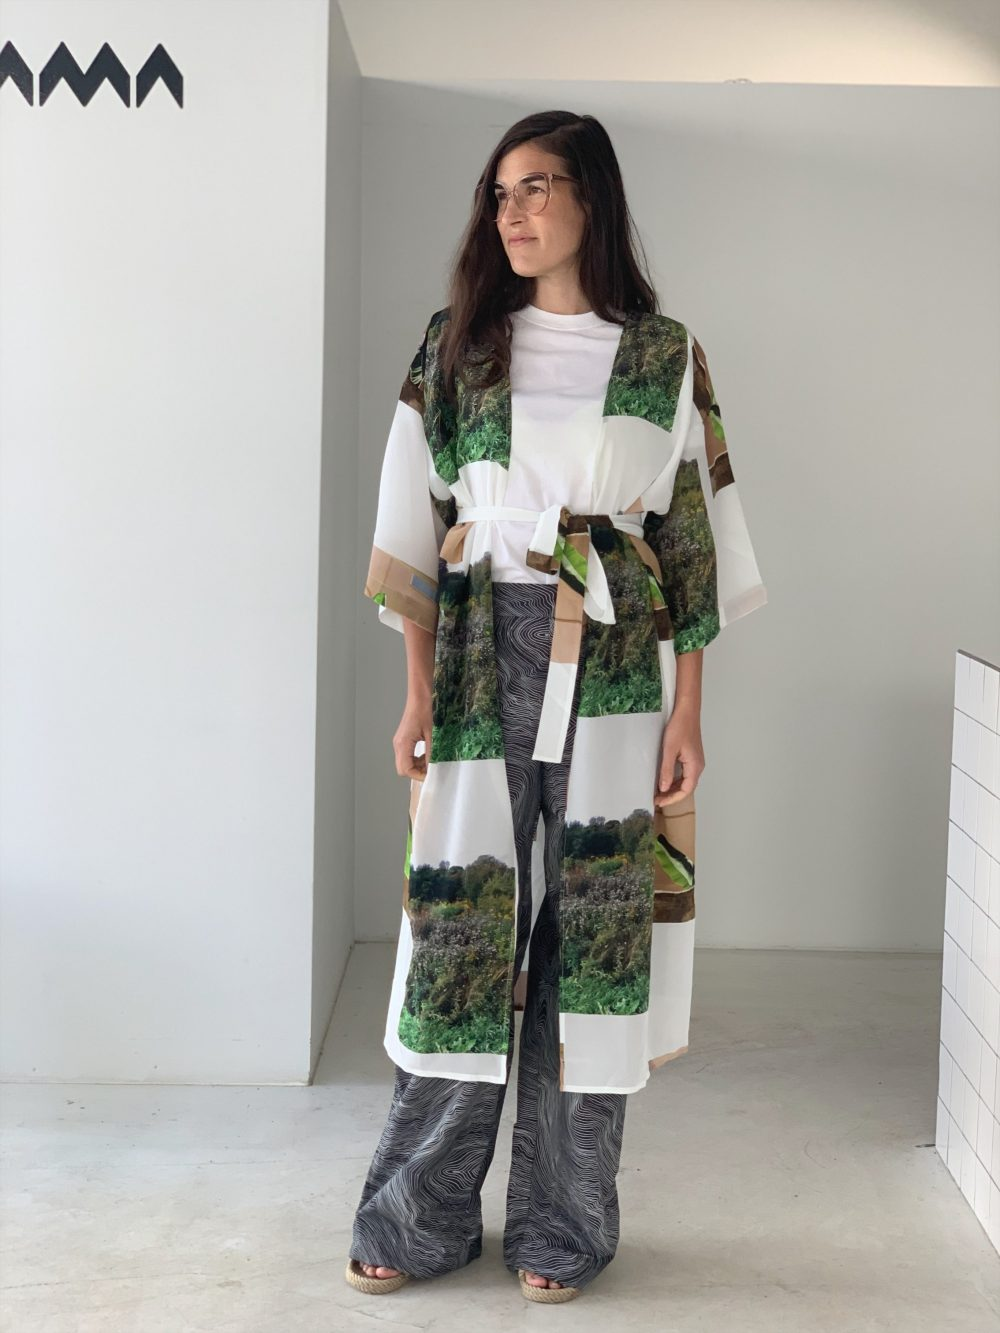 Vimma Kaftan Silk ELSA Muisto white-green Onesize - ELSA, Kaftan / Silk, Muisto, Onesize, white-green